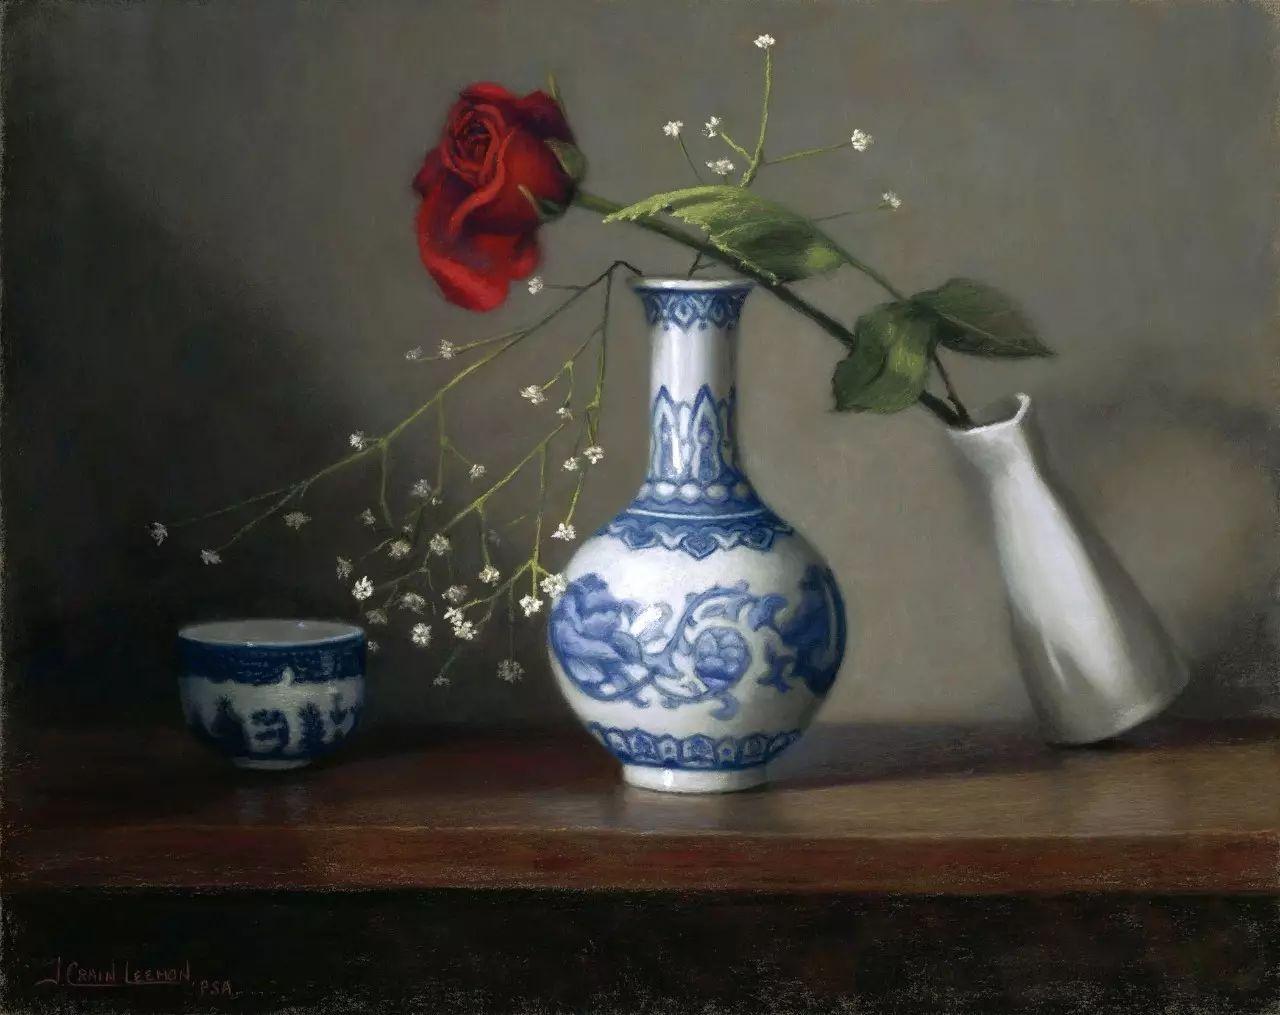 美国女画家Jeanne Leemon静物画欣赏插图21